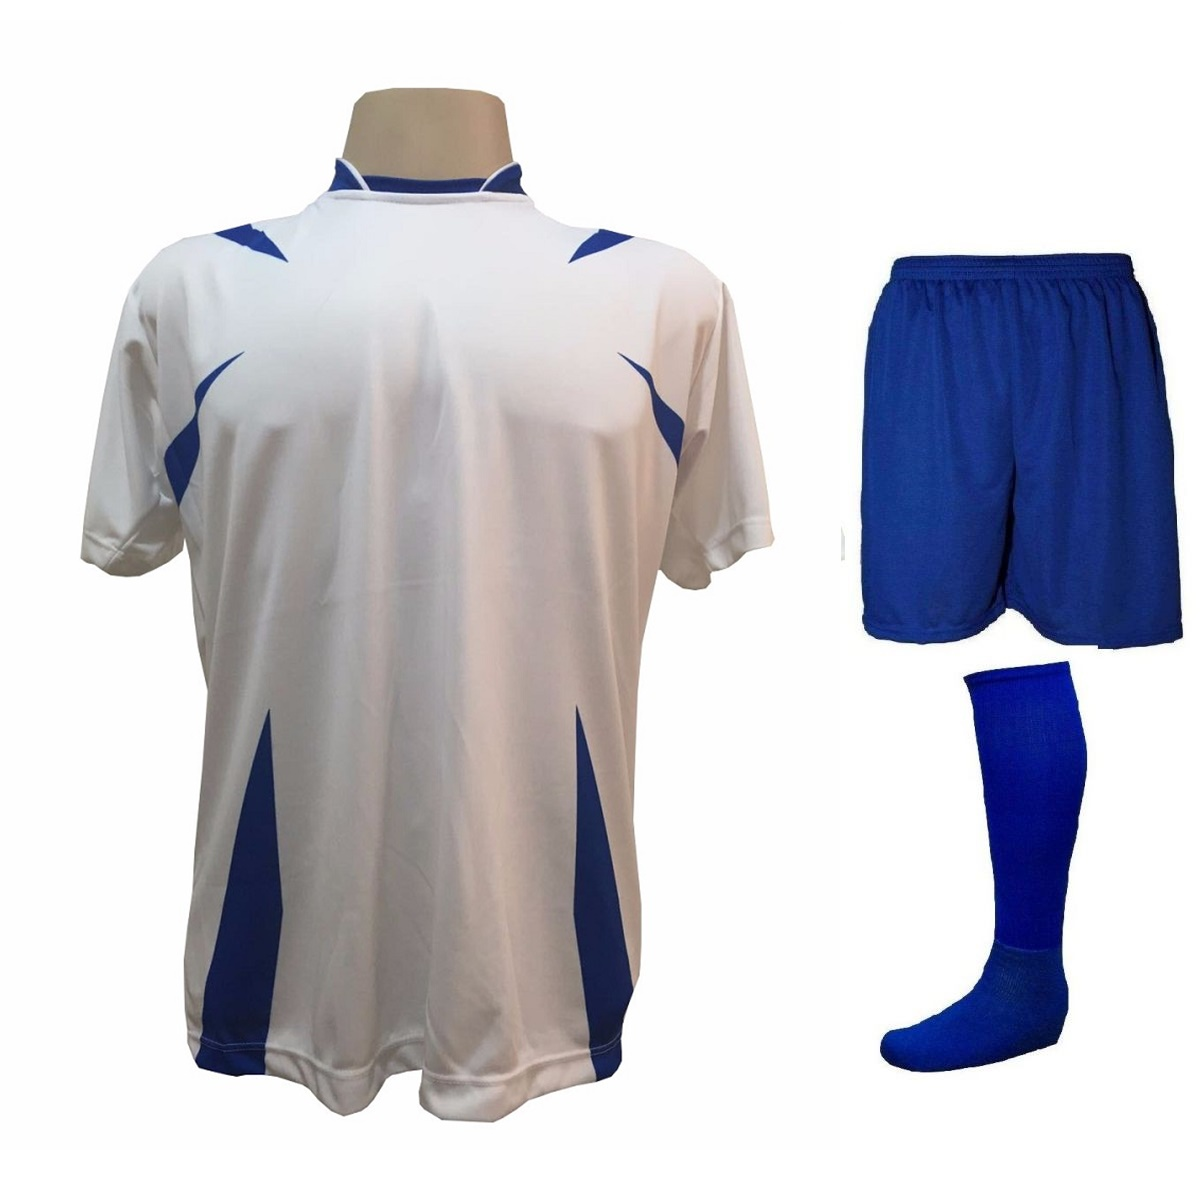 Uniforme Esportivo com 14 camisas modelo Palermo Branco/Royal + 14 calções modelo Madrid Royal + 14 pares de meiões Royal